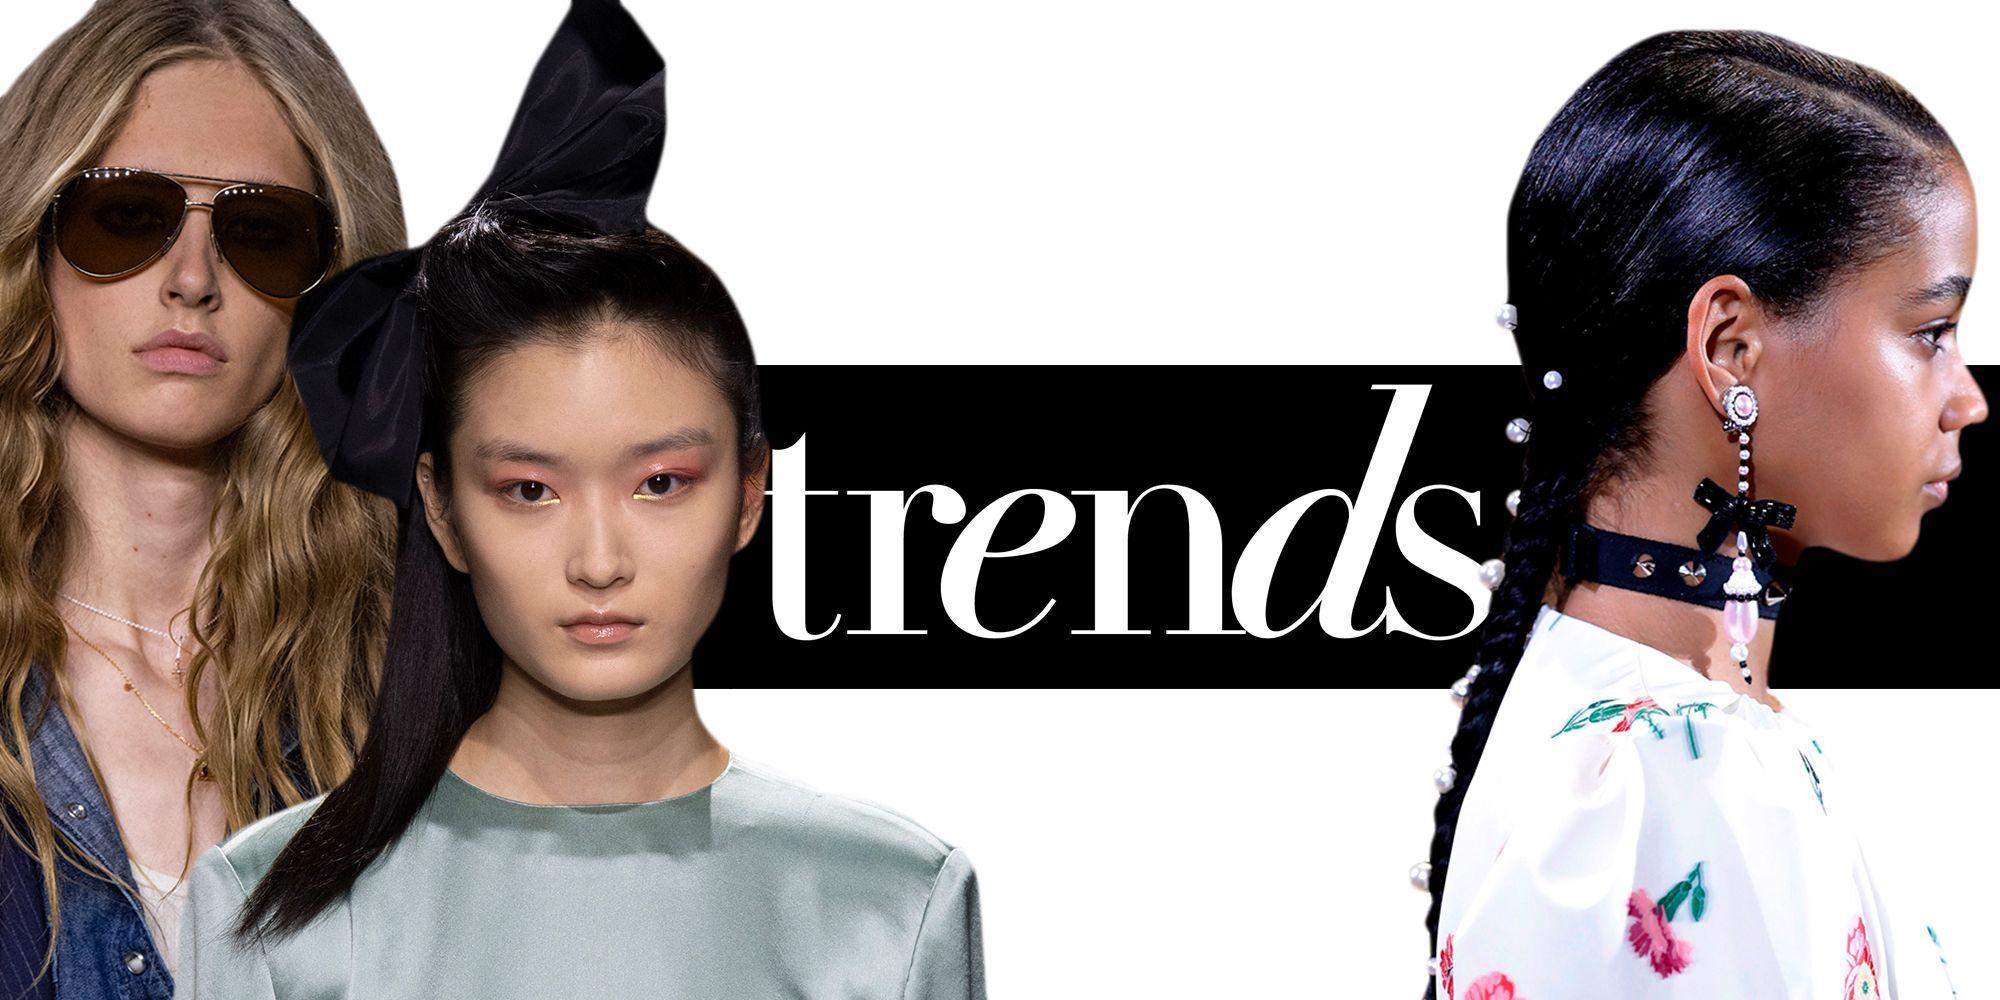 2020 summer hair trends